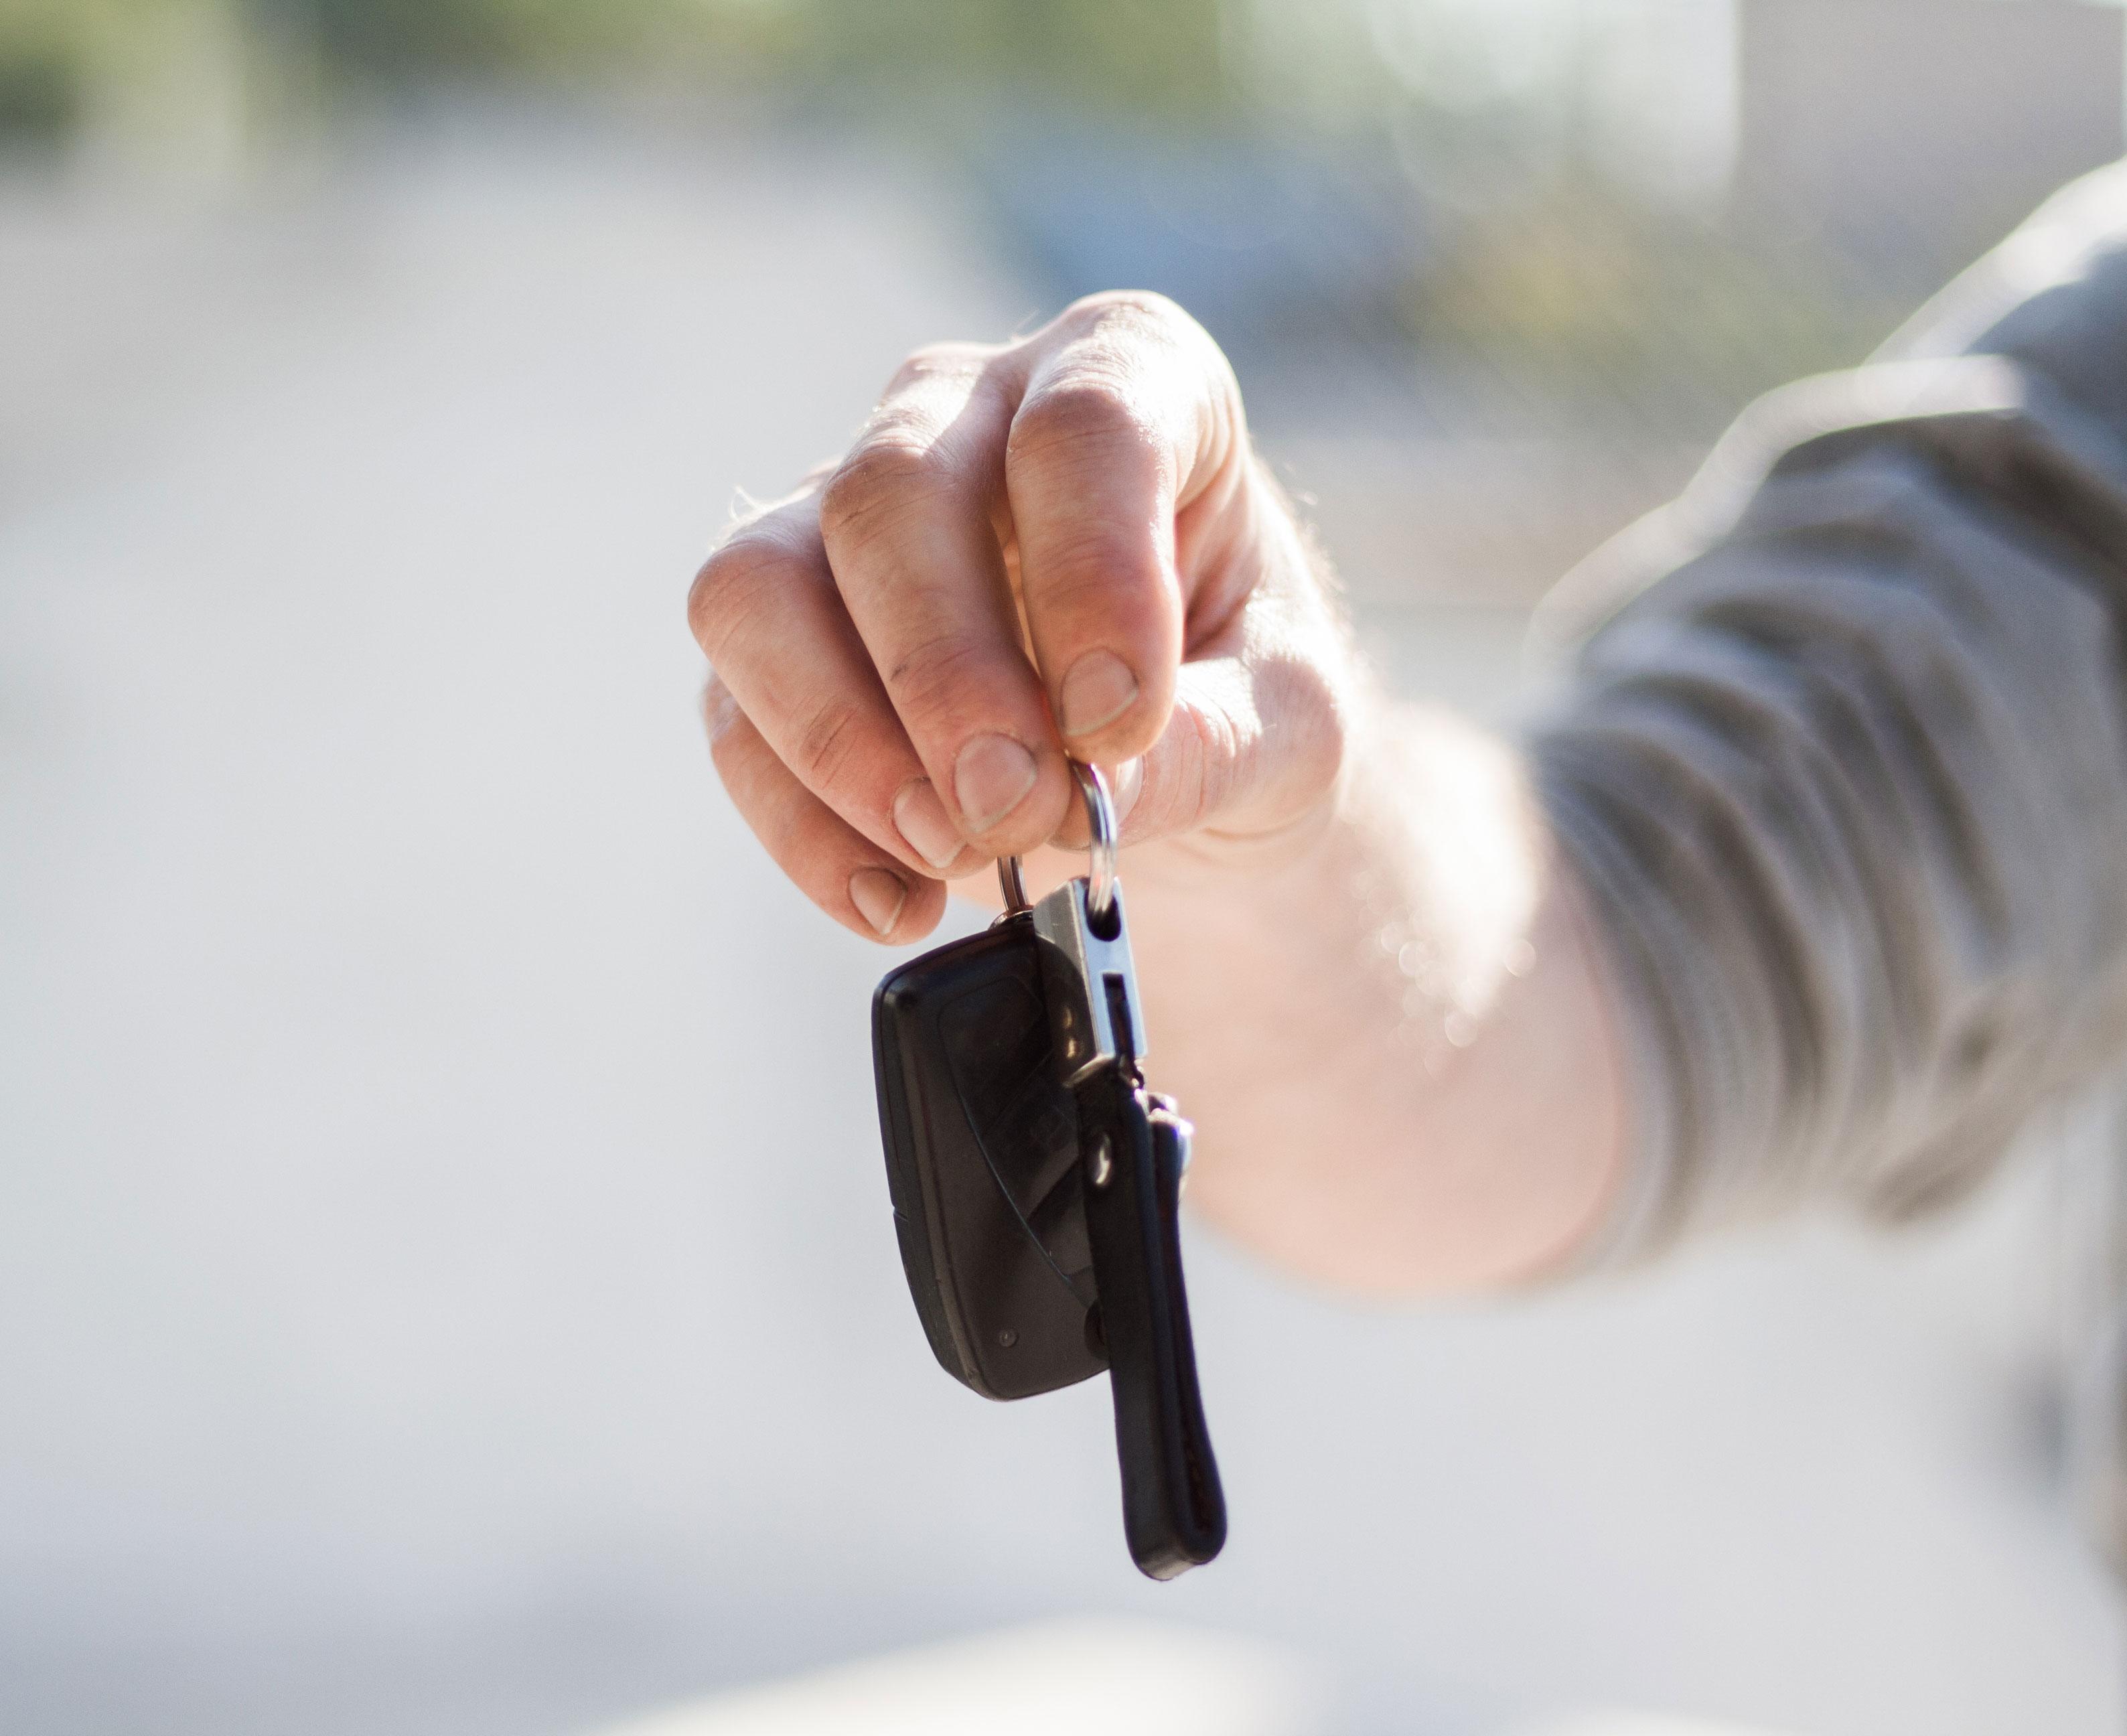 vendre son véhicule, administratif, carte grise, certificat d'immatriculation, déclaration de cession